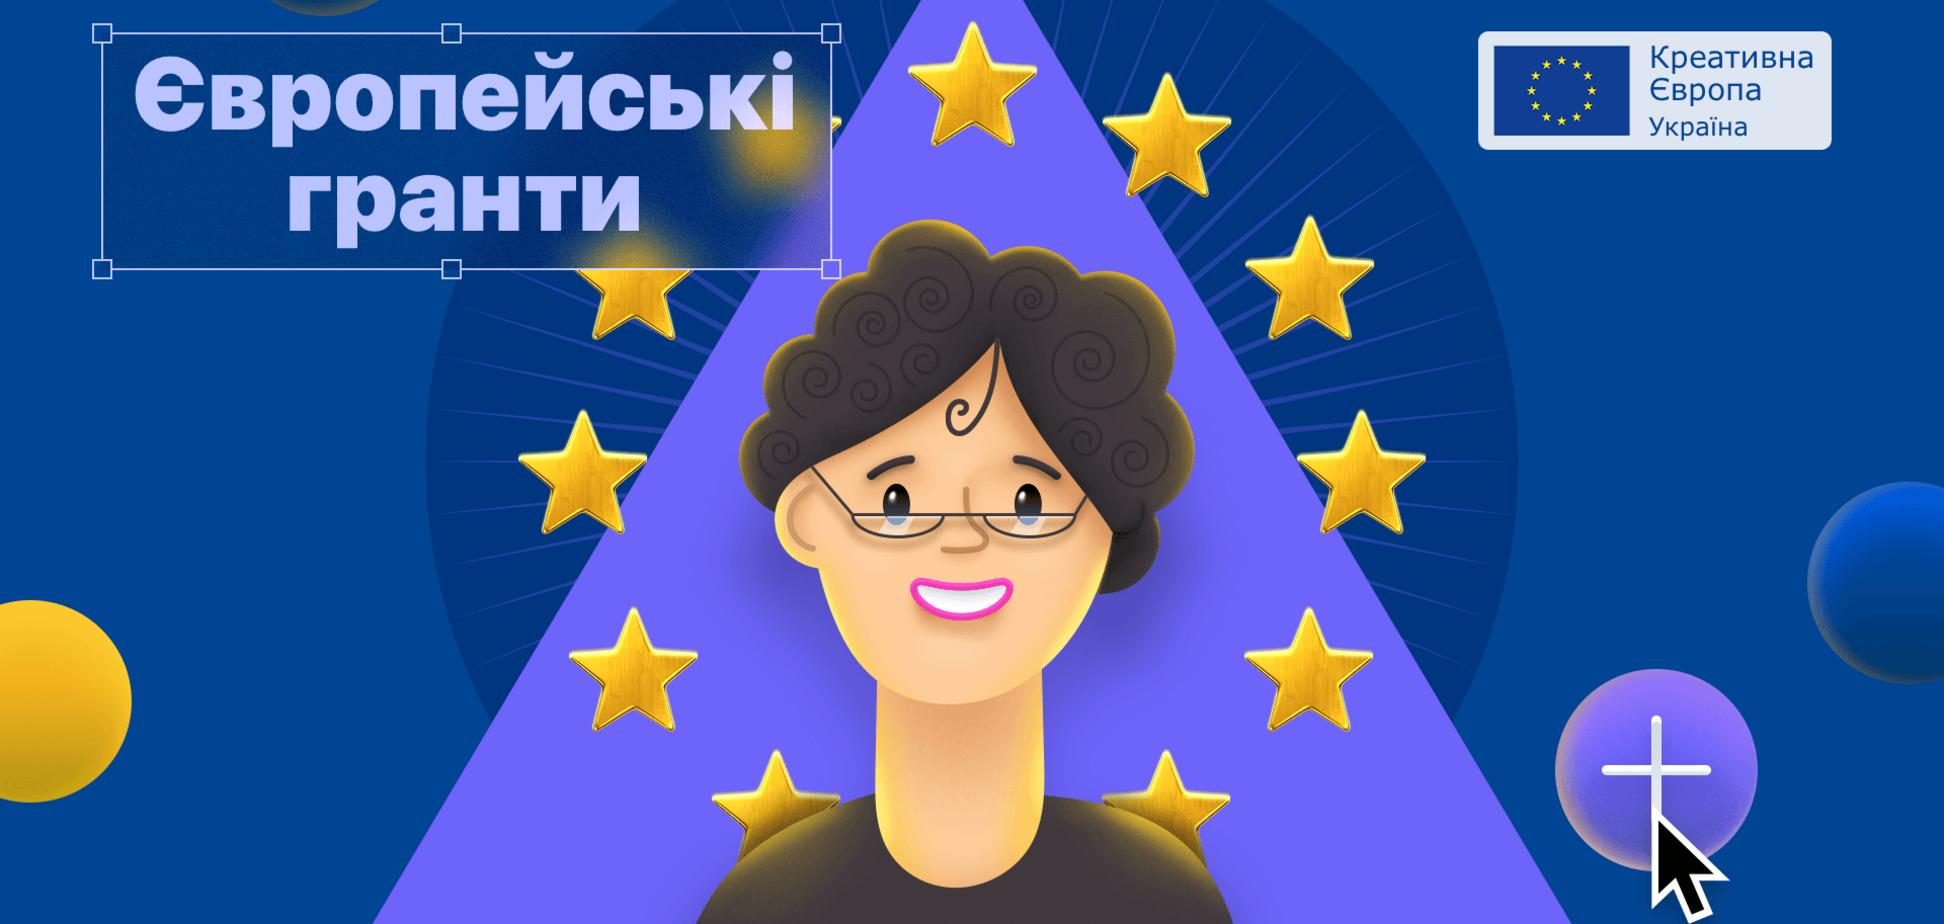 До 2 миллионов евро на проект: 'Креативная Европа' запускает бесплатный онлайн-курс о привлечении грантов